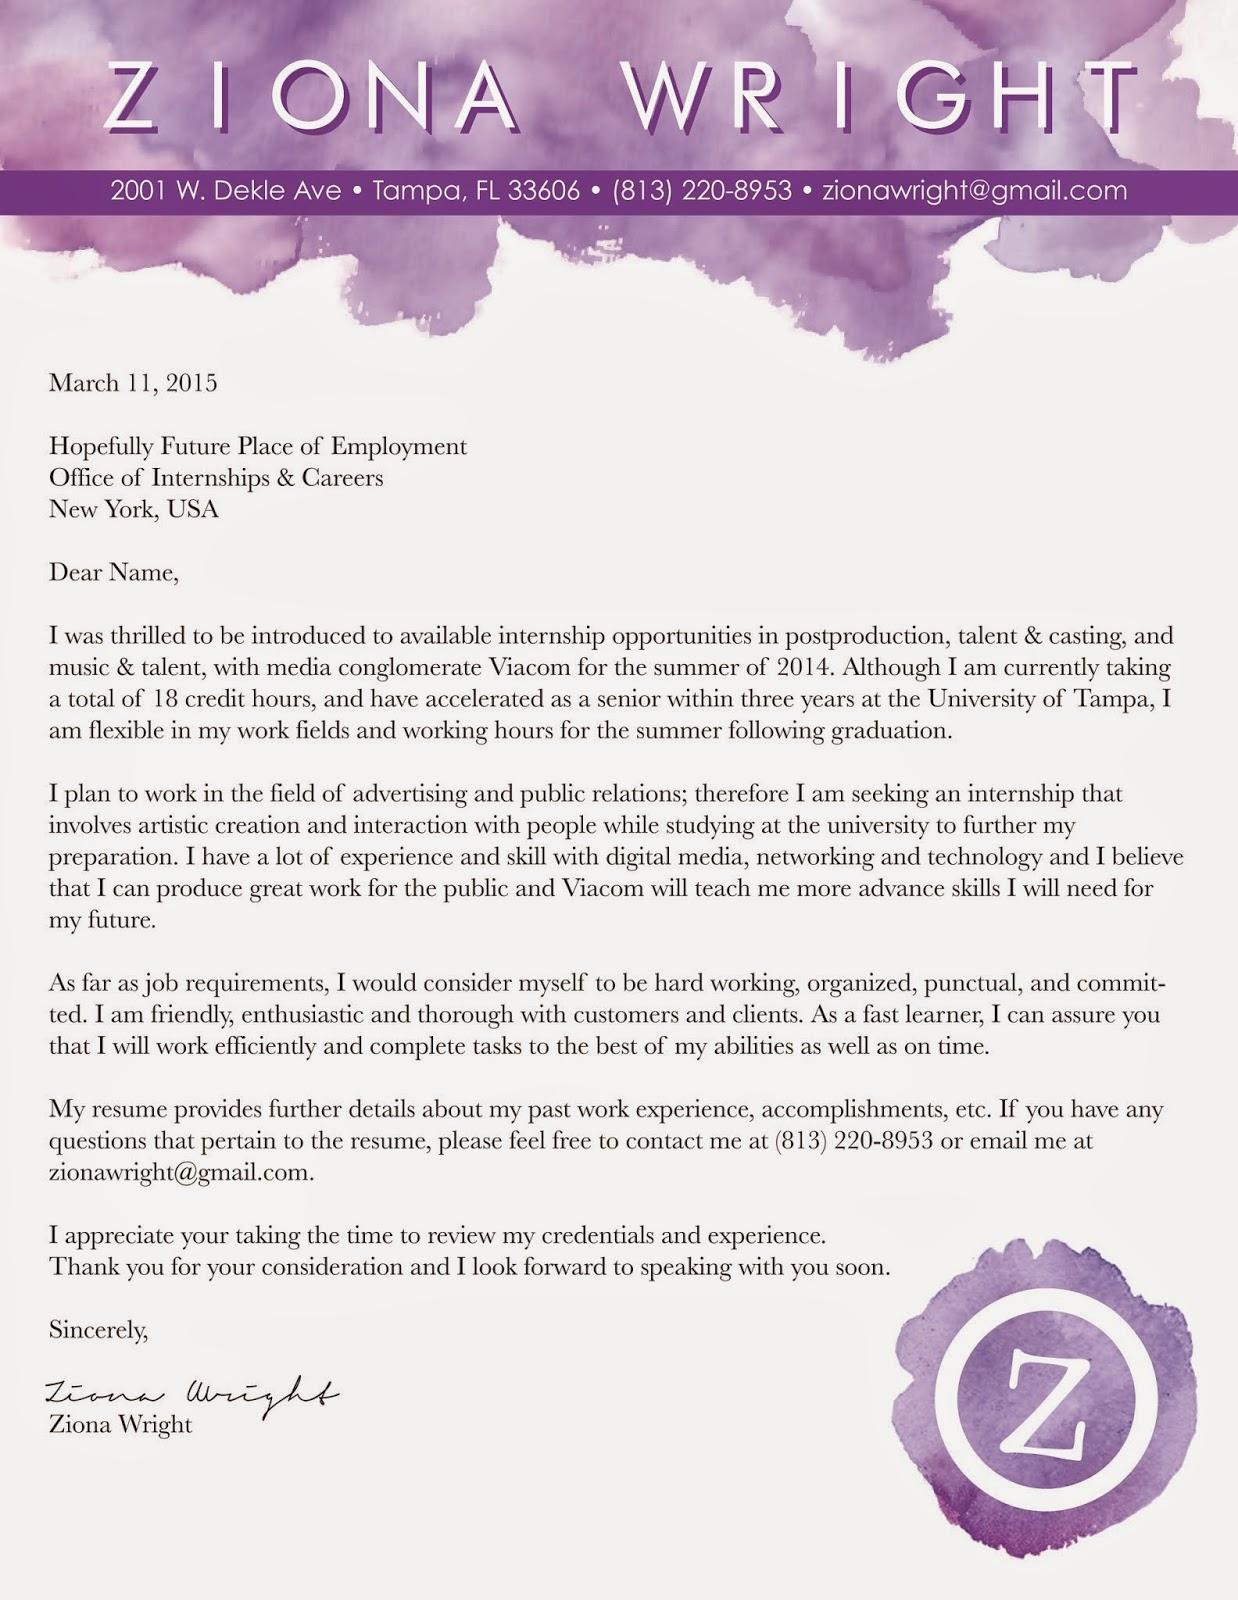 Land Economist Cover Letter - sarahepps.com -